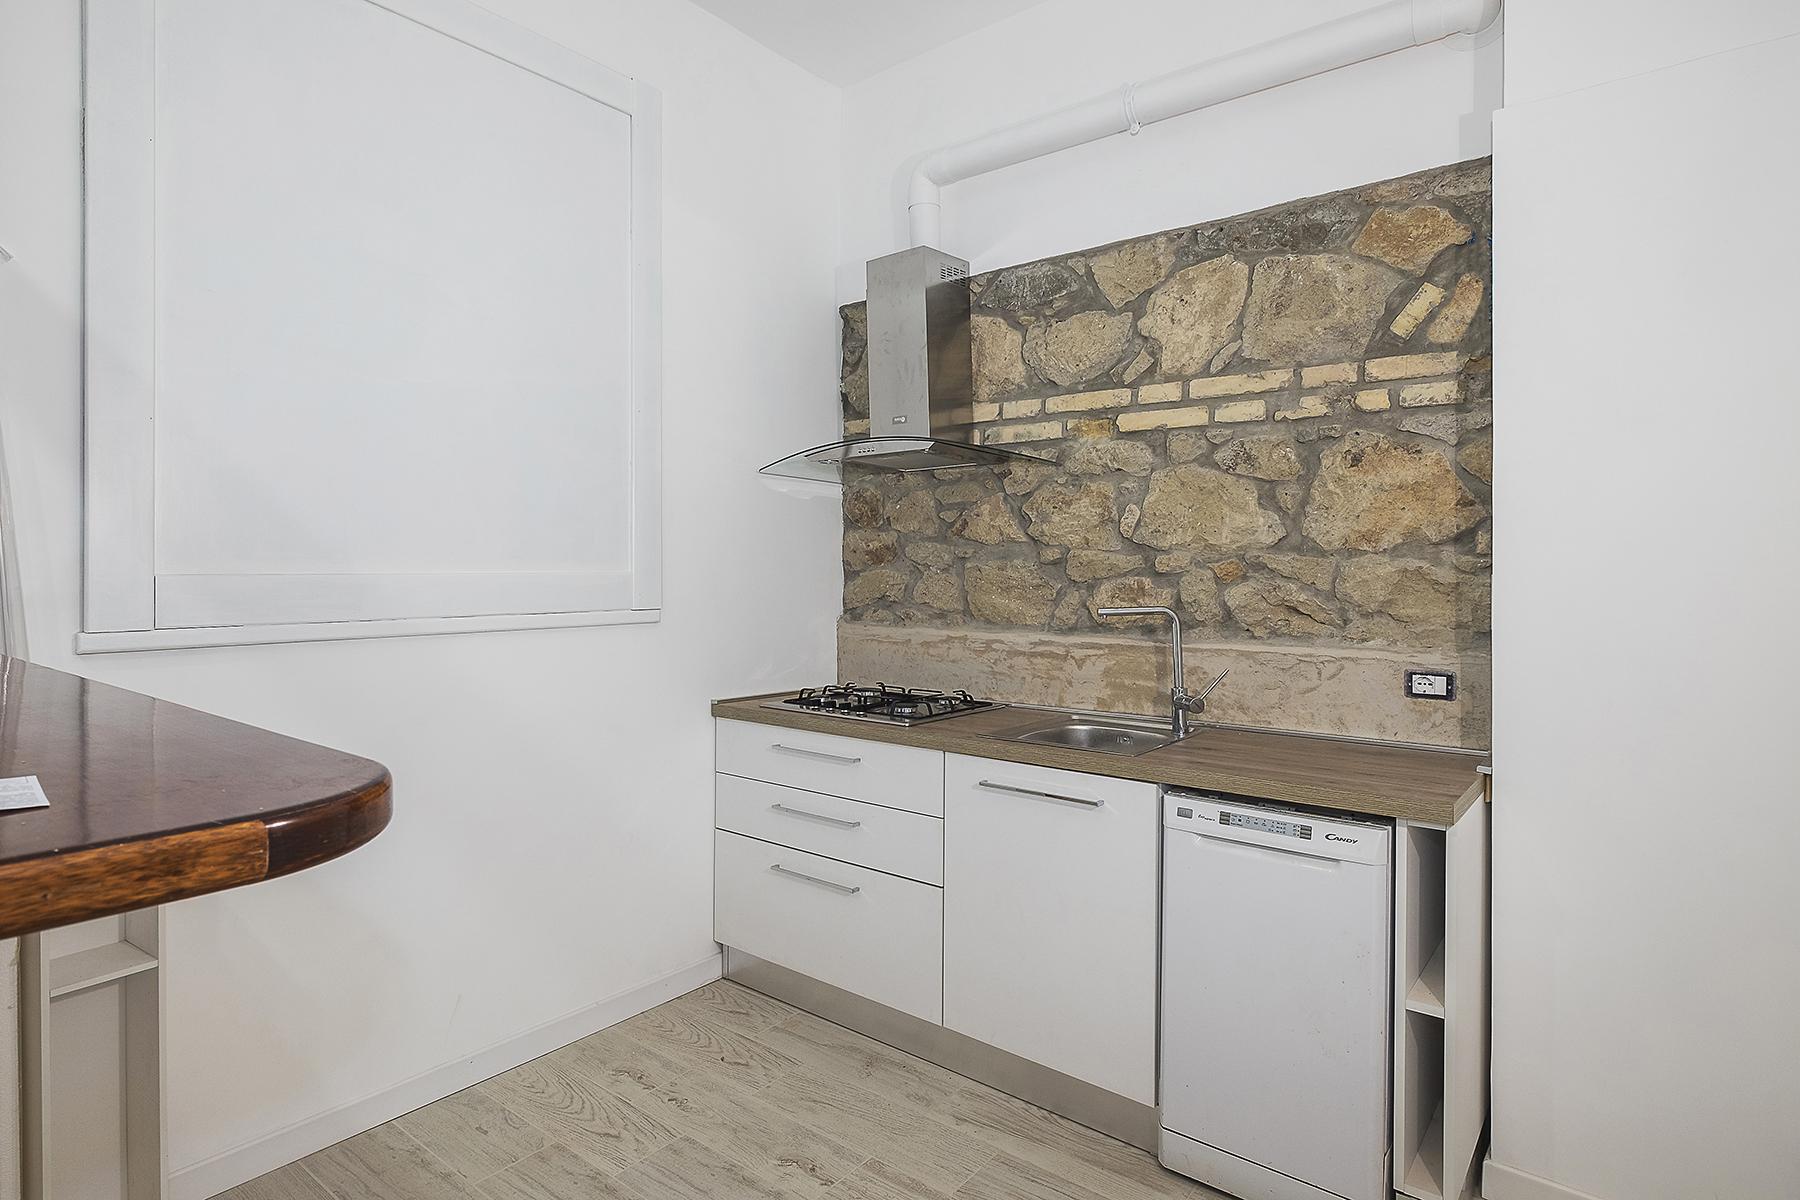 Appartamento di lusso in affitto a roma via nicolo 39 v for Affitto castello roma